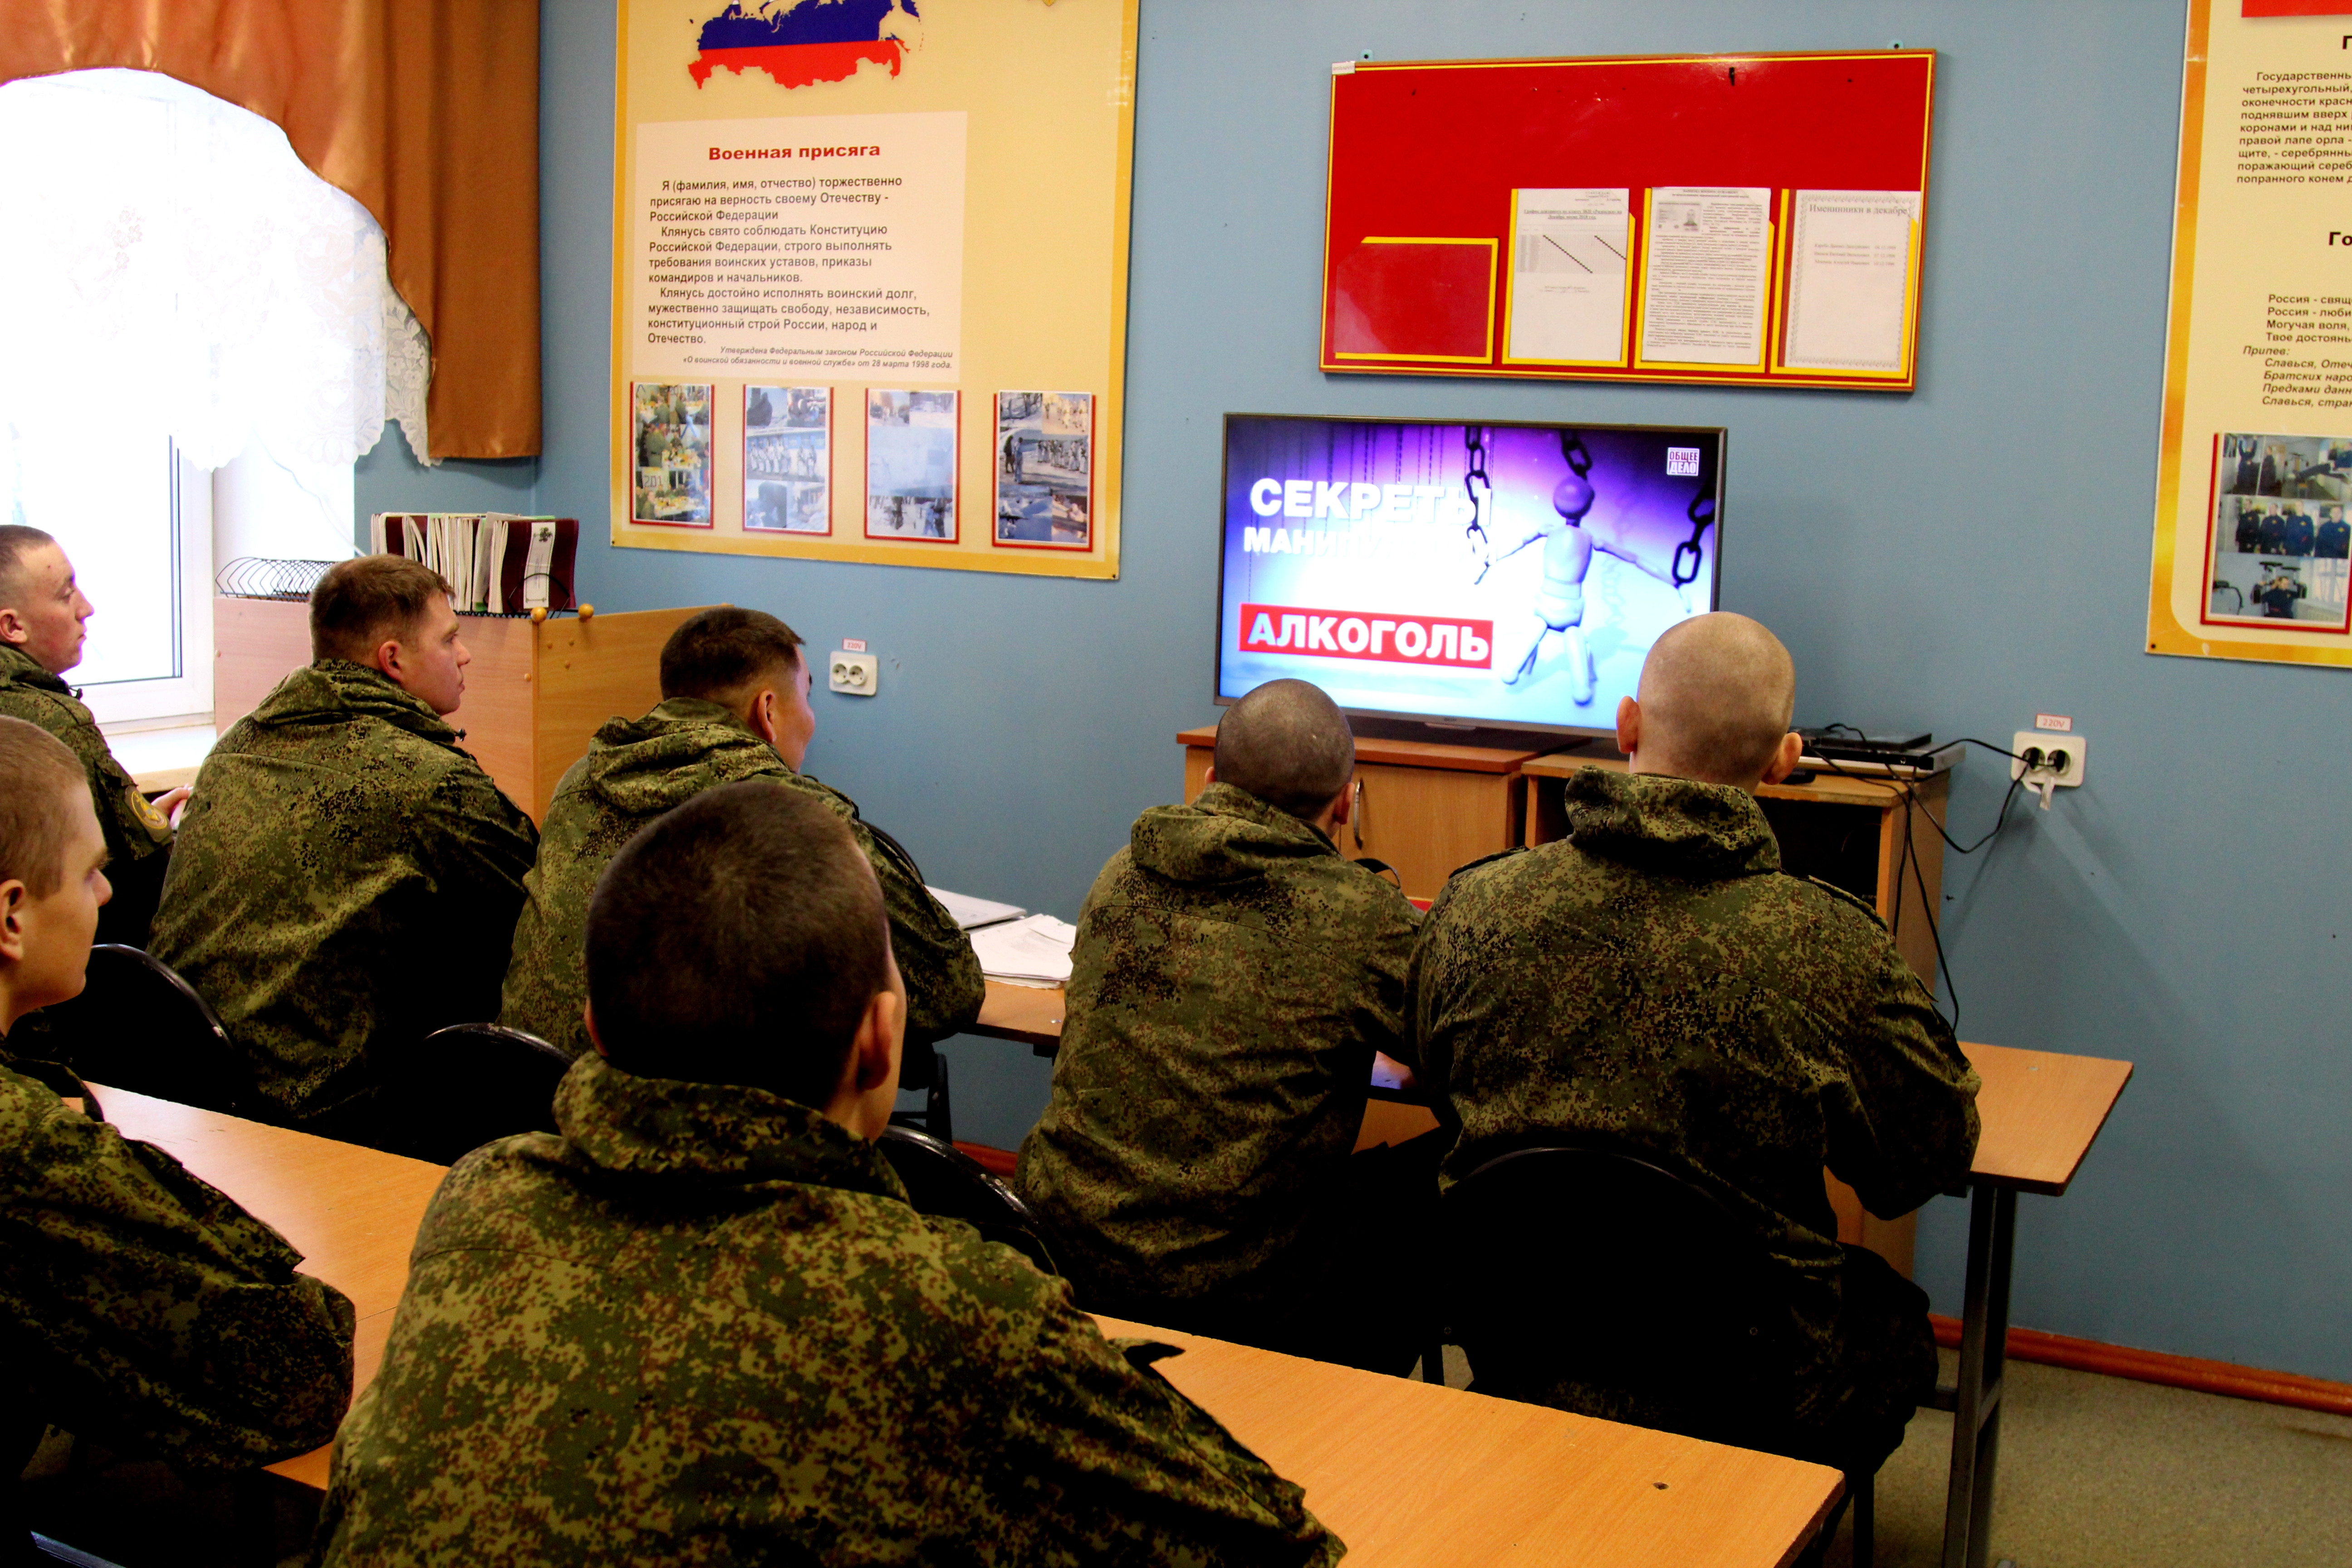 «Общее дело» на встрече с военнослужащими в/ч 25030-4 г. Вилючинск Камчатского края